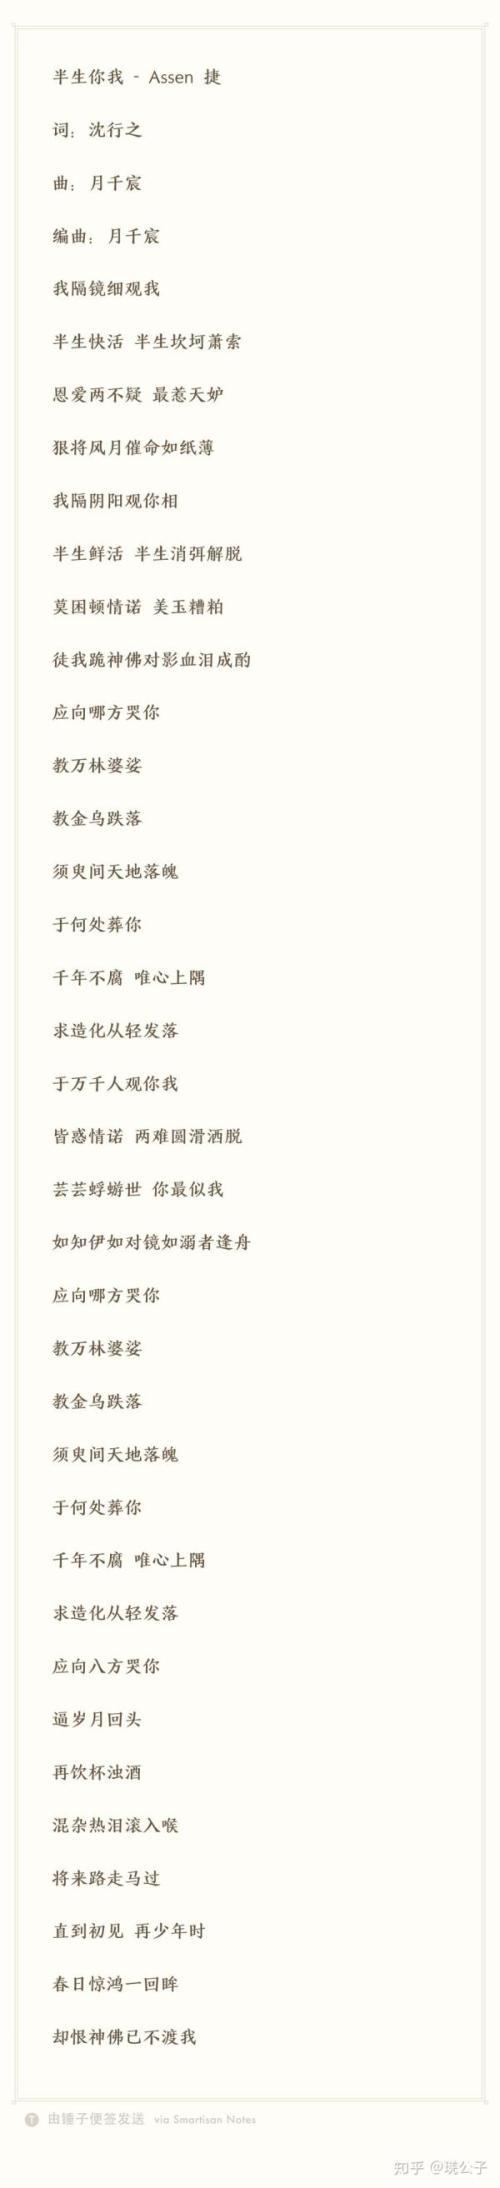 浮生六记-林奕匡(MP3歌词/LRC歌词) lrc歌词下载 第1张